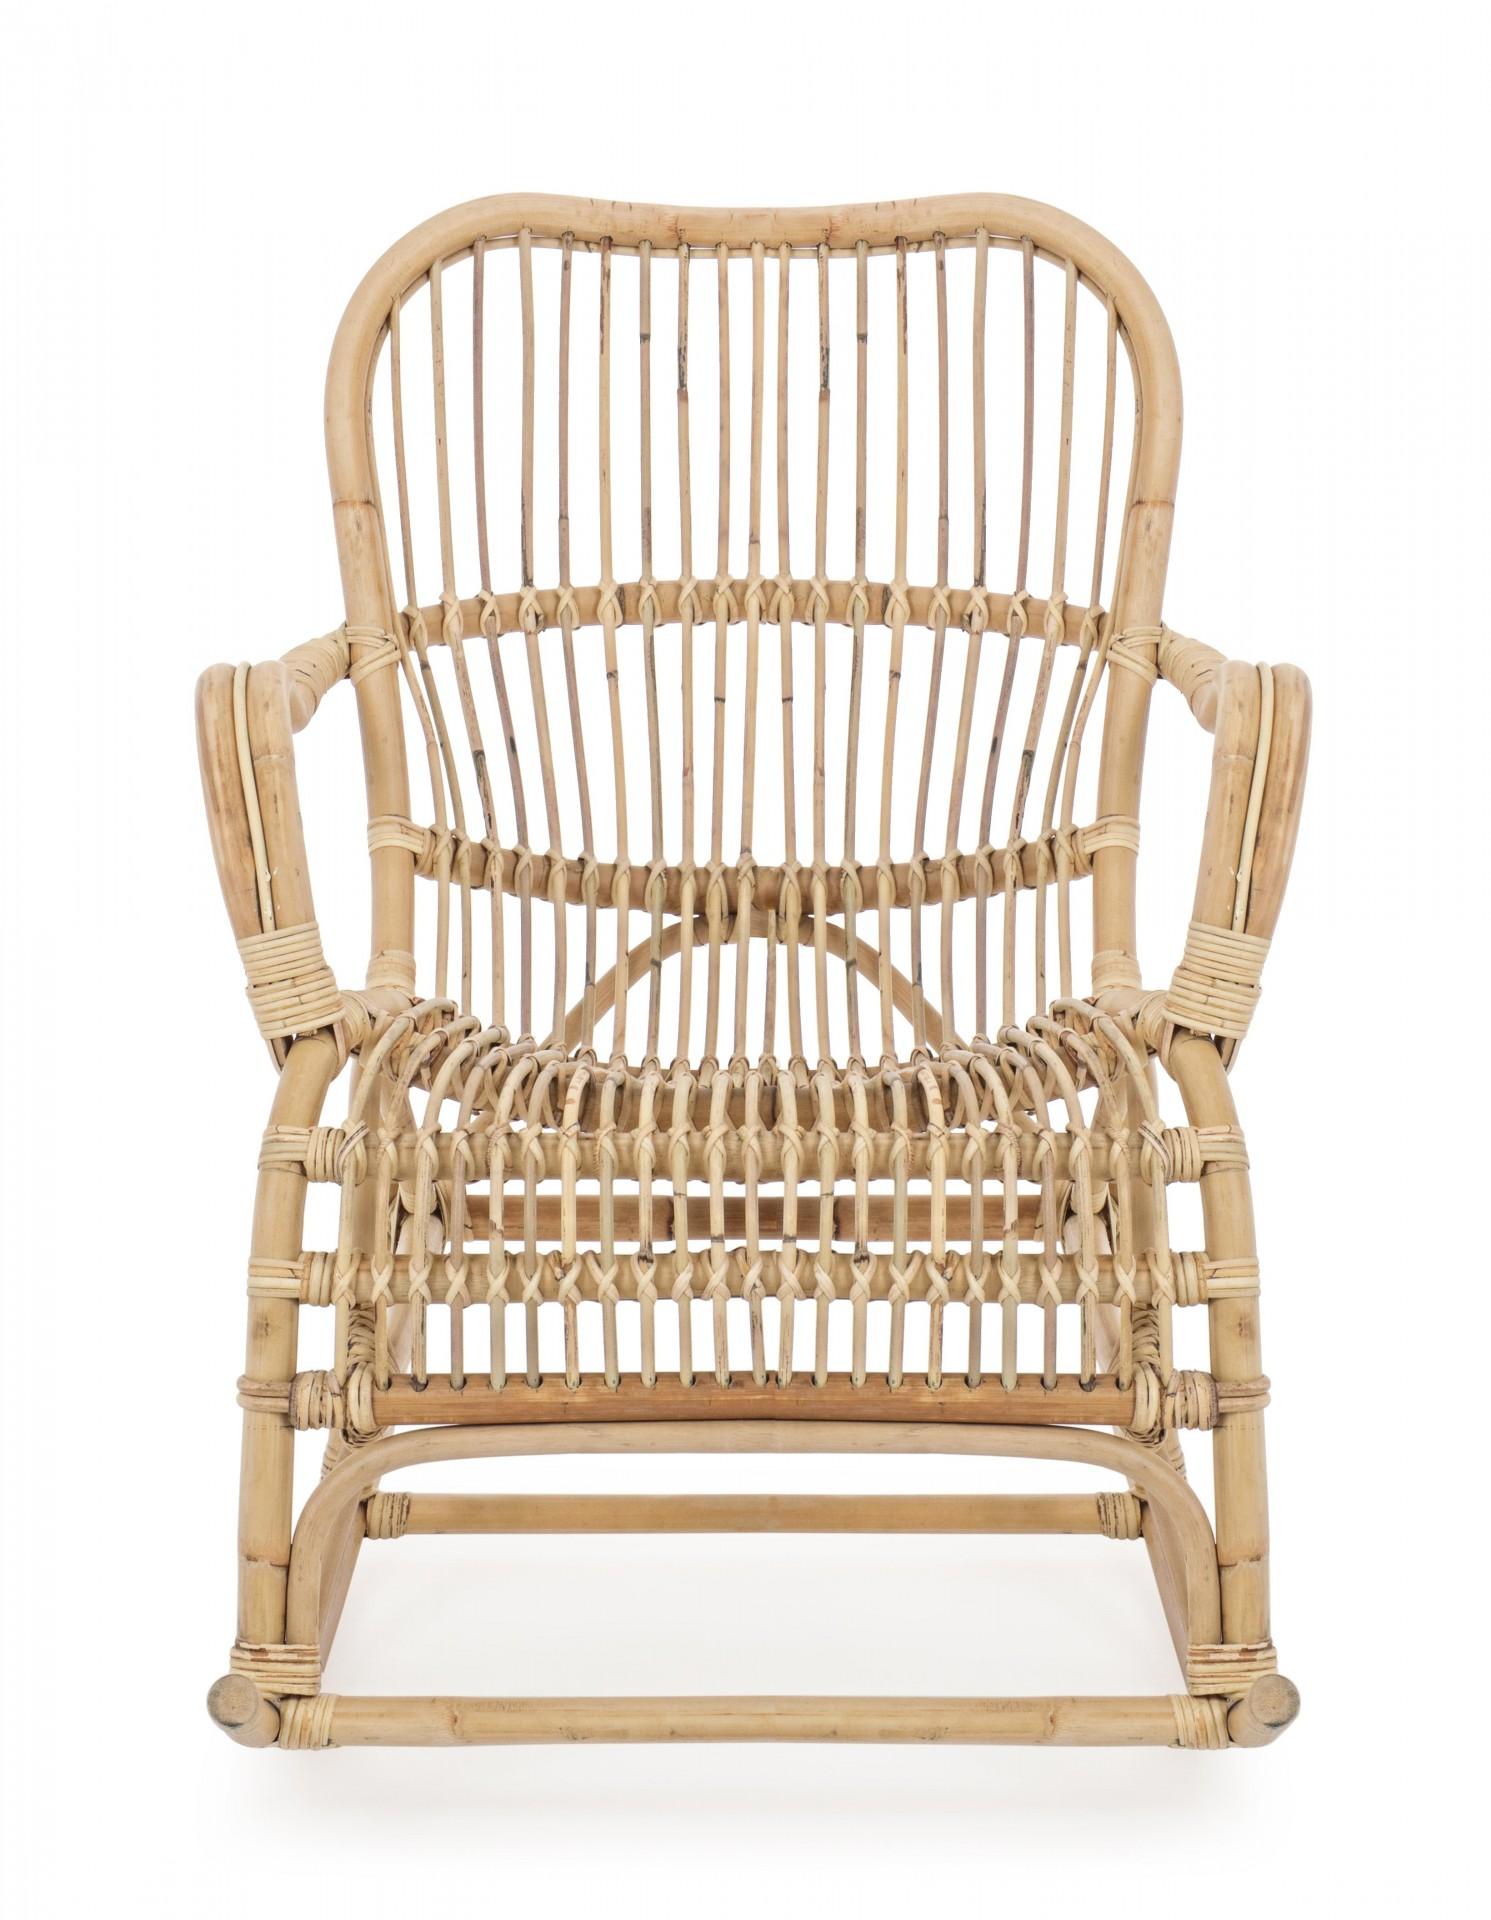 Cadeira de baloiço Casimira, rattan cor natural